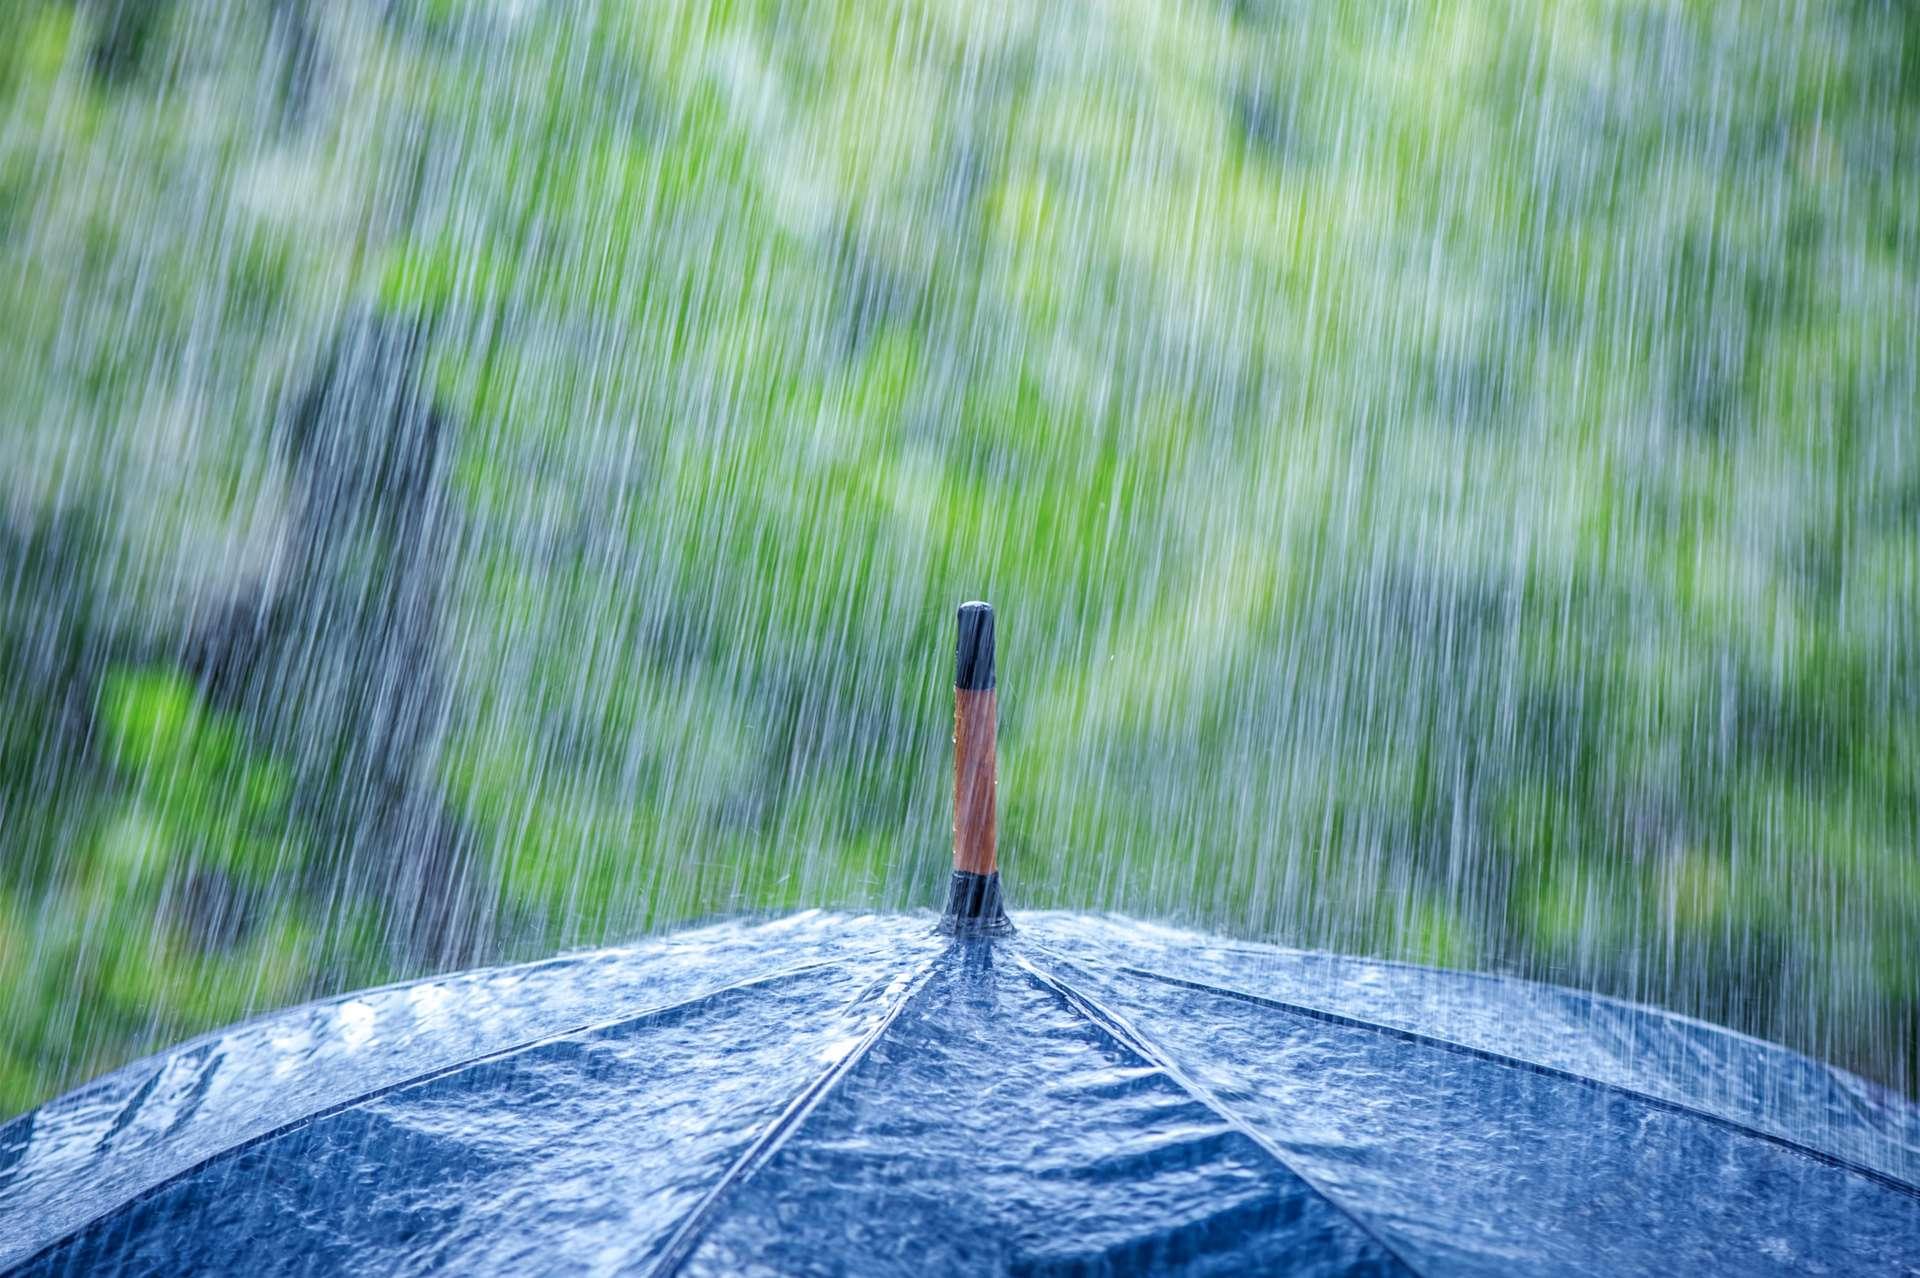 La météorologie permet de prévoir les fortes pluies comme celle-ci. © ivan kmit, Adobe Stock.